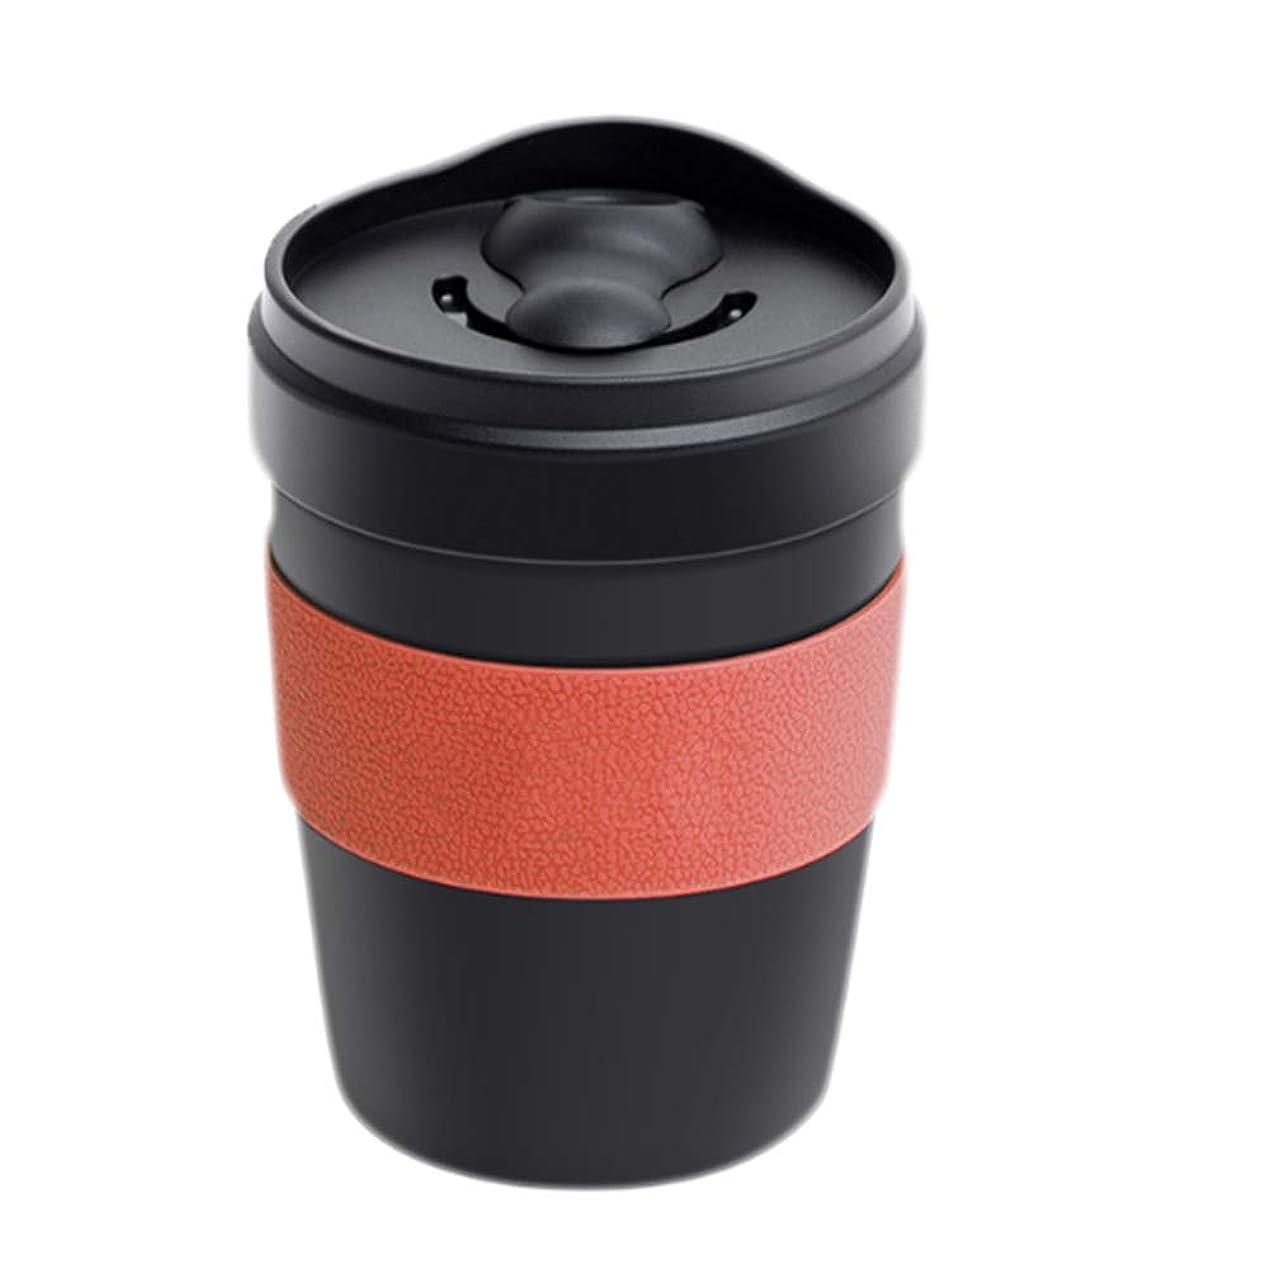 ベーシック皮肉な動的YAYAコーヒーカップステンレススチールカップオフィスコーヒースモールカップポータブルアメリカンスタイル付属カップ88mm * 112mmオレンジ